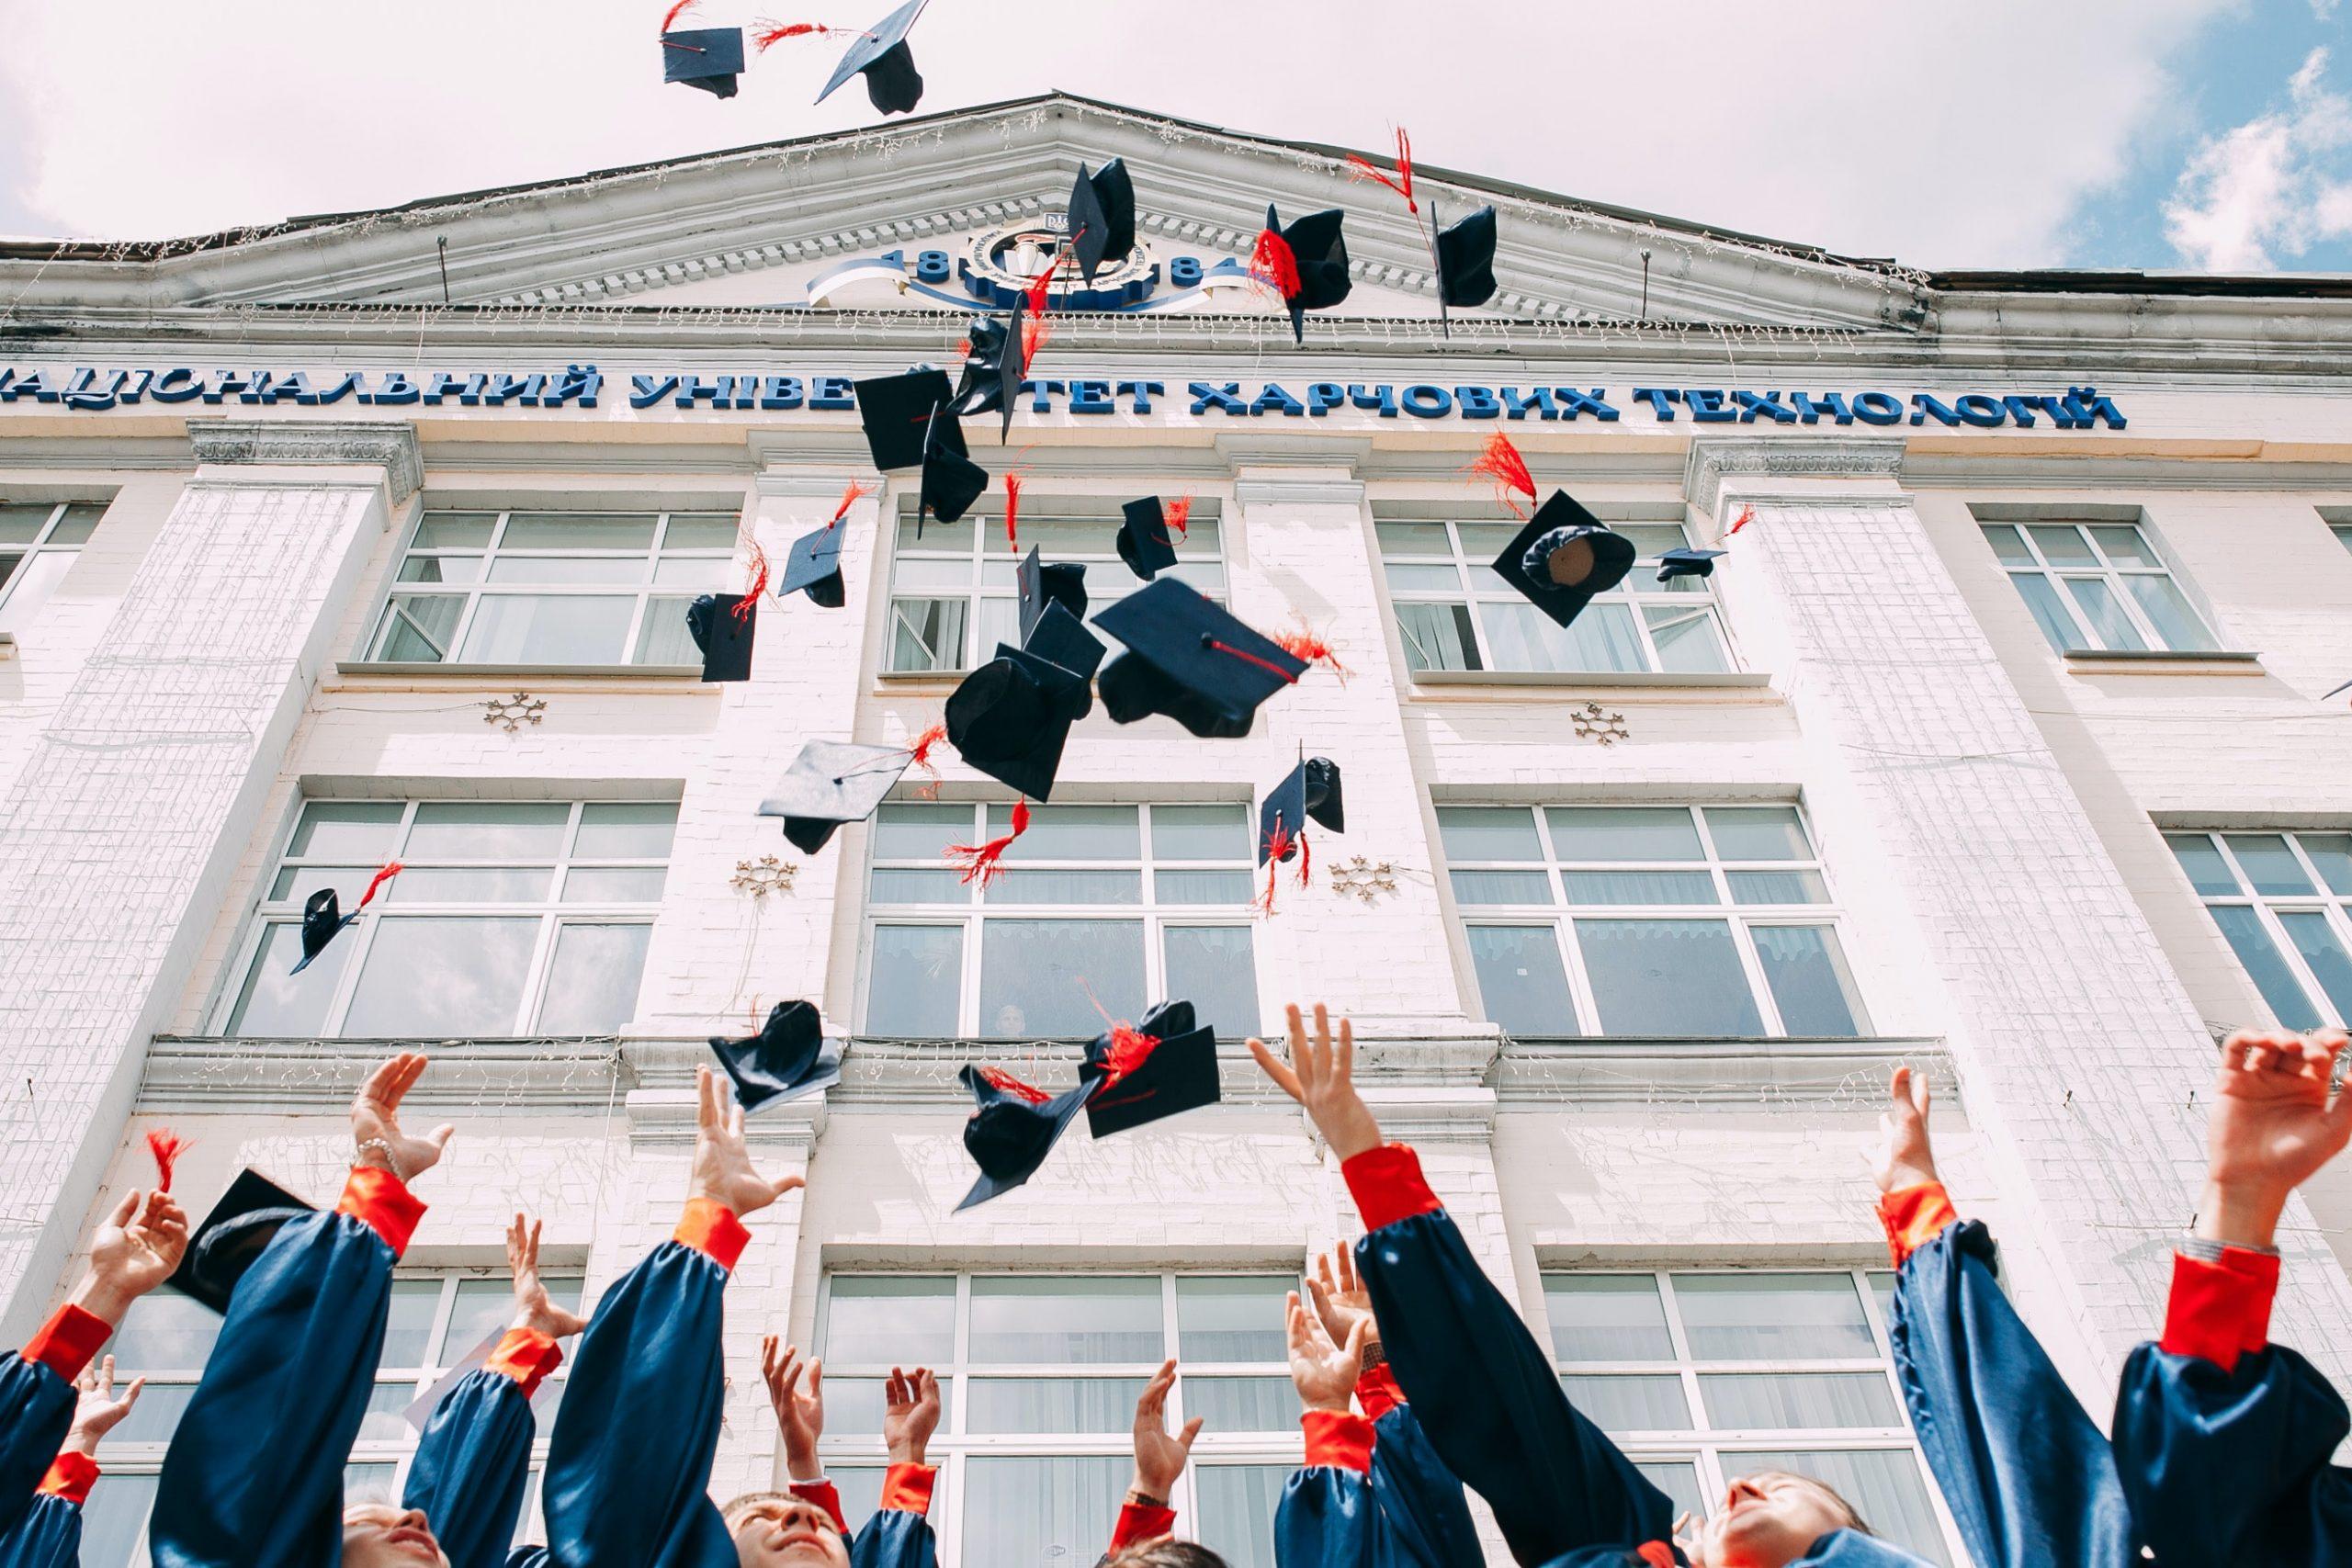 EP 003. Chào Đại học.. chúng em đứng đây từ chiều!